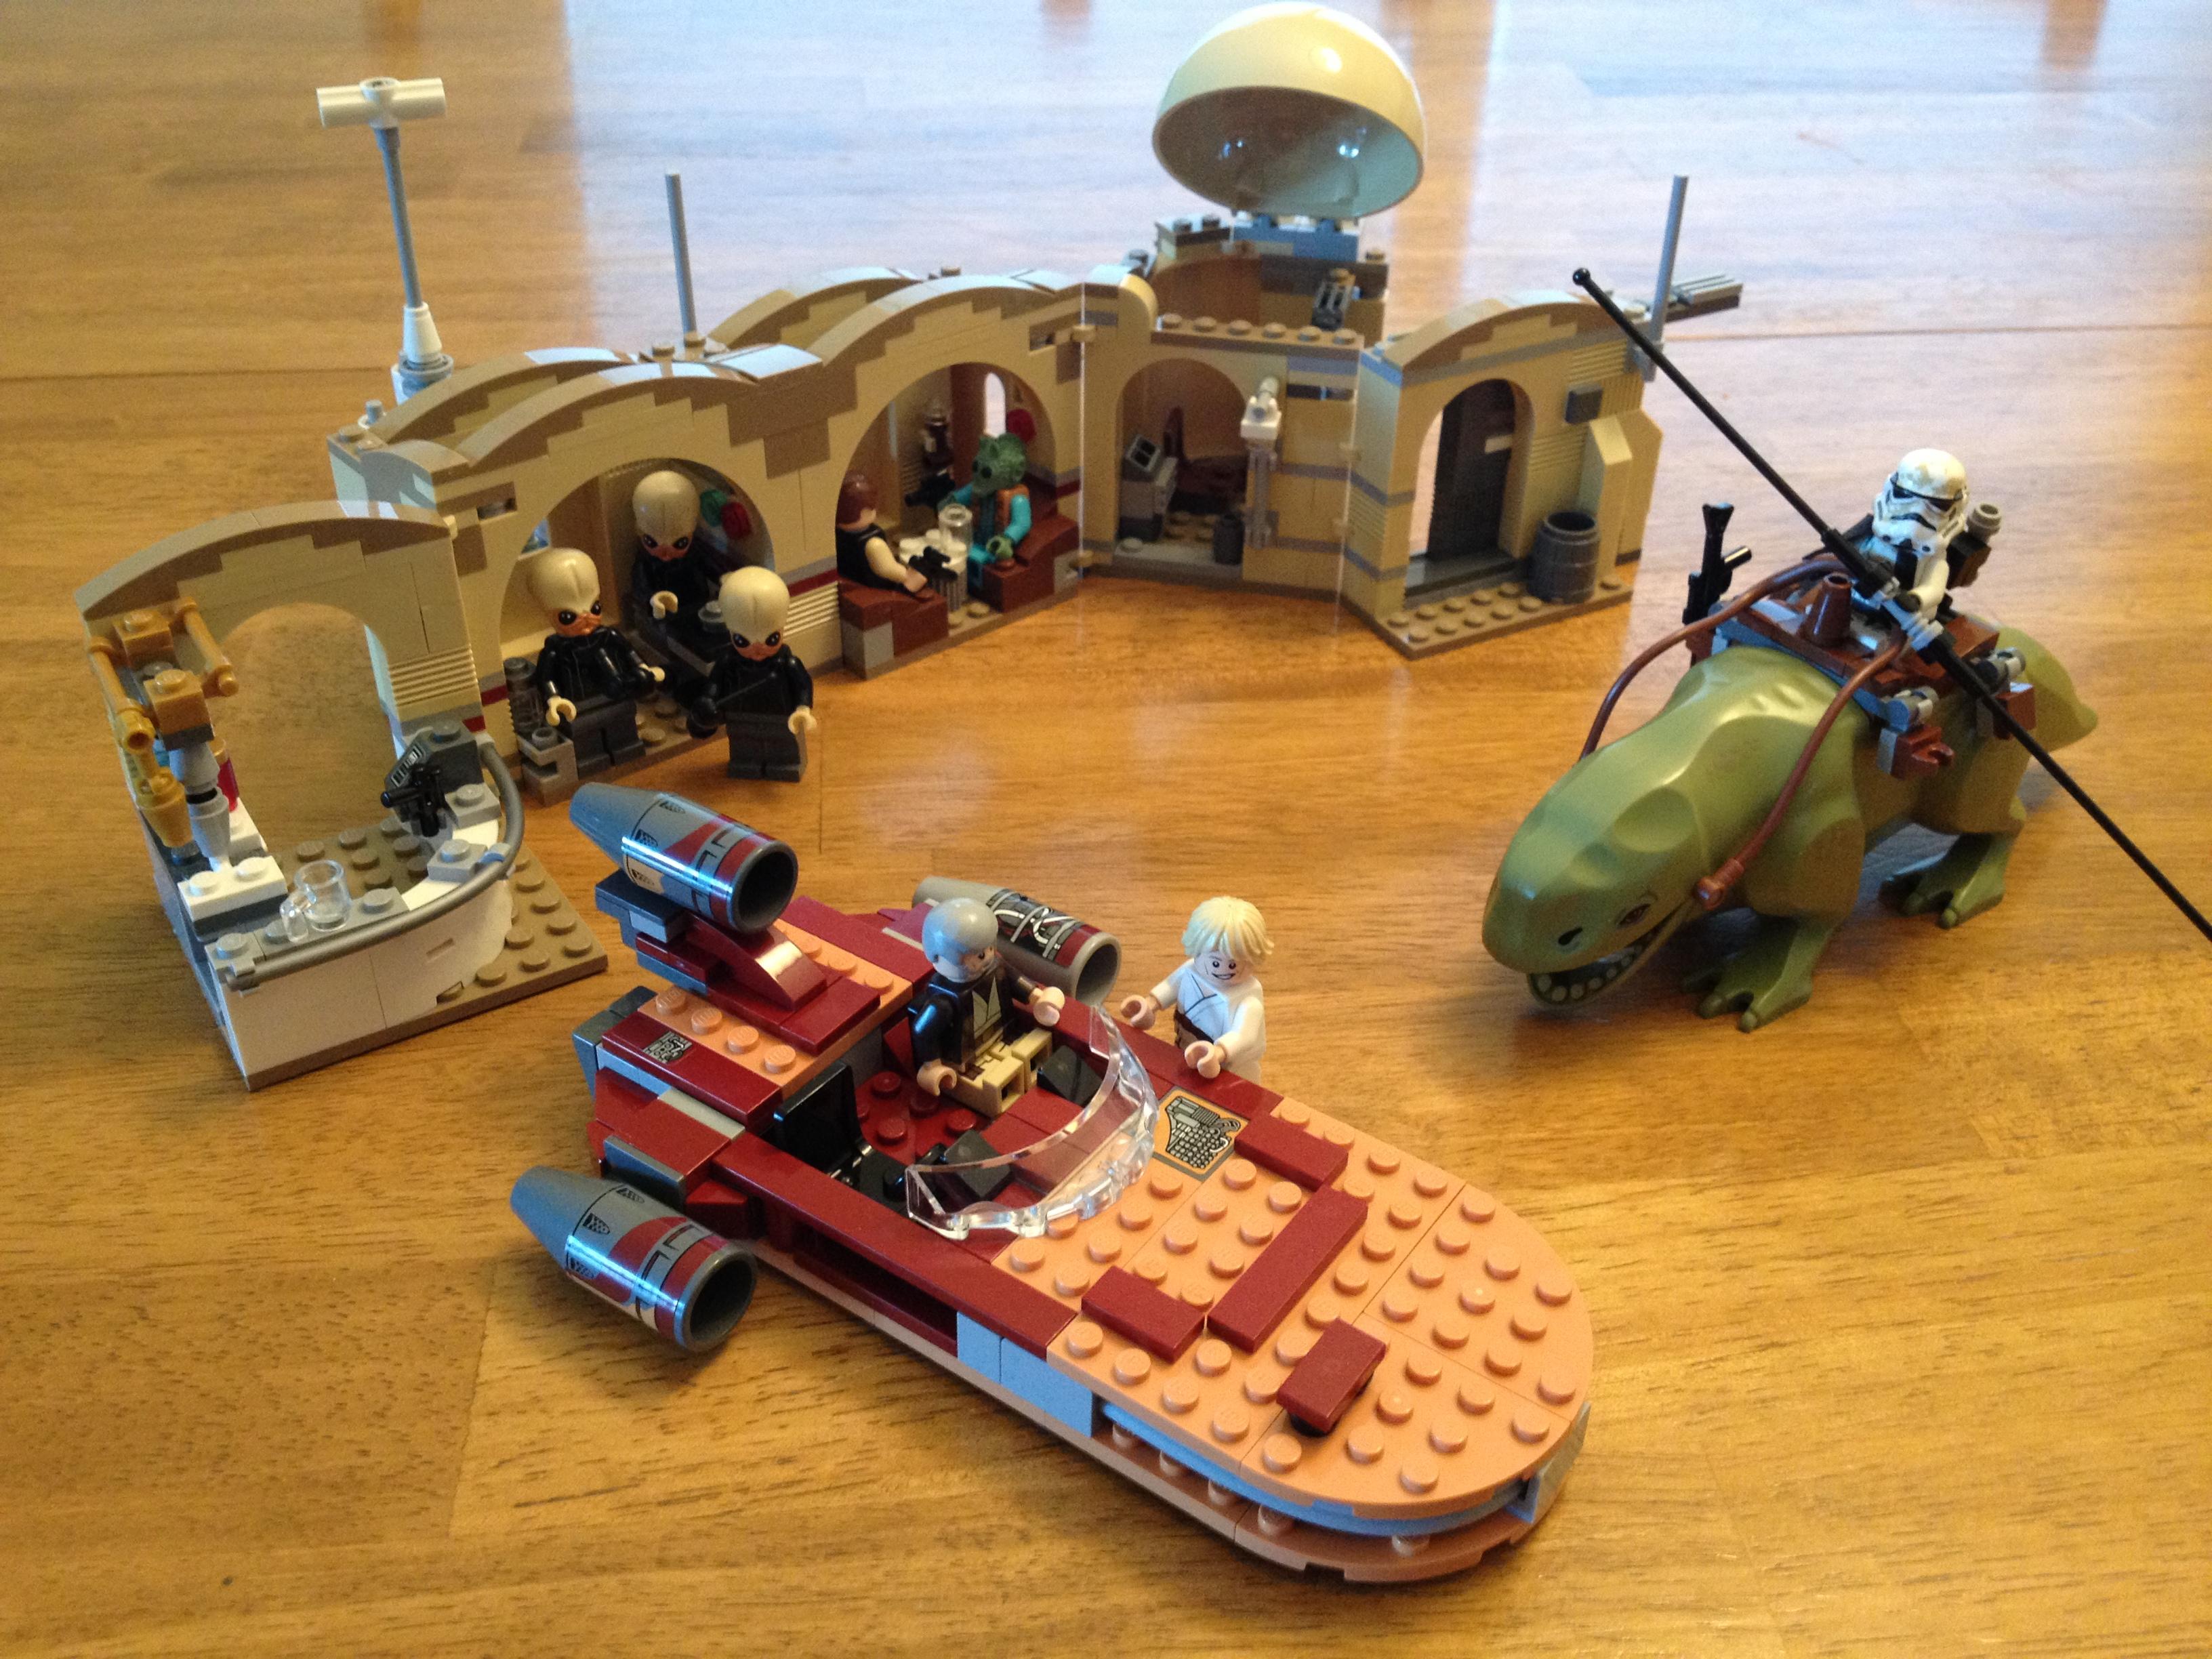 Lego Star Wars Mos Eisley Cantina 75052 Brick Radar